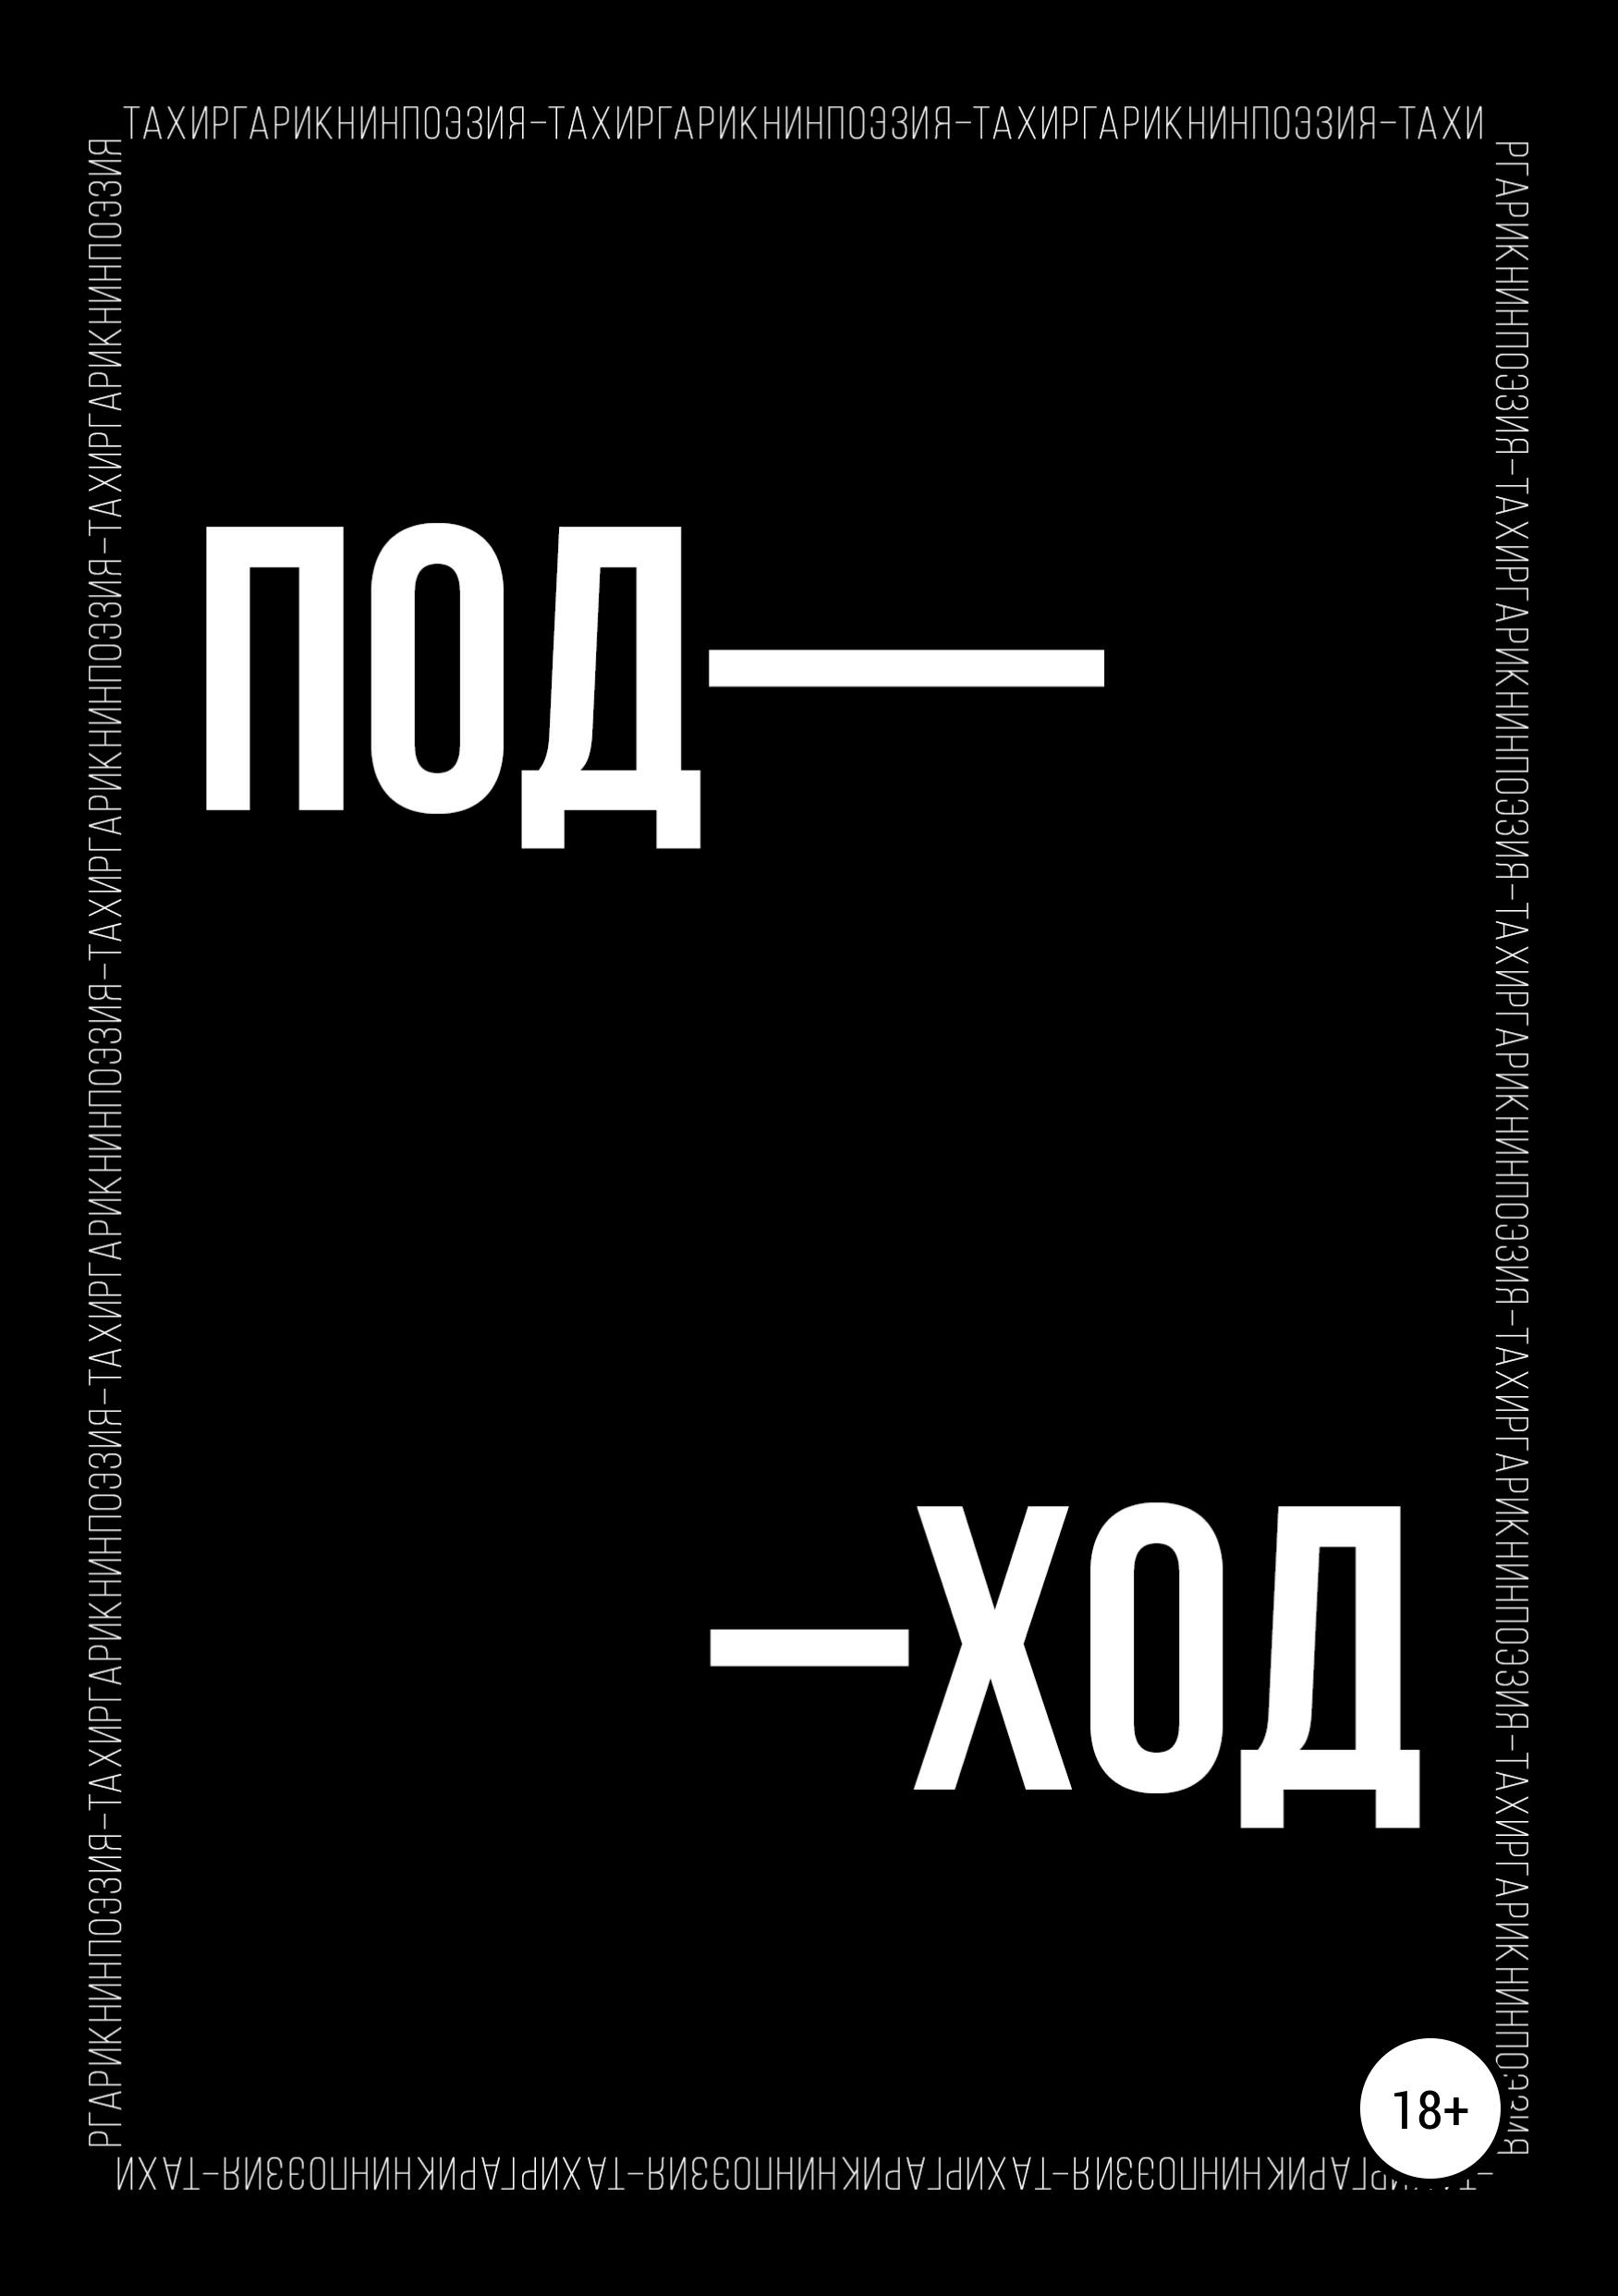 Тахир Гарикнин Поэтический сборник «ПОД–ХОД» анна лосева крестообразные связки поэтический сборник